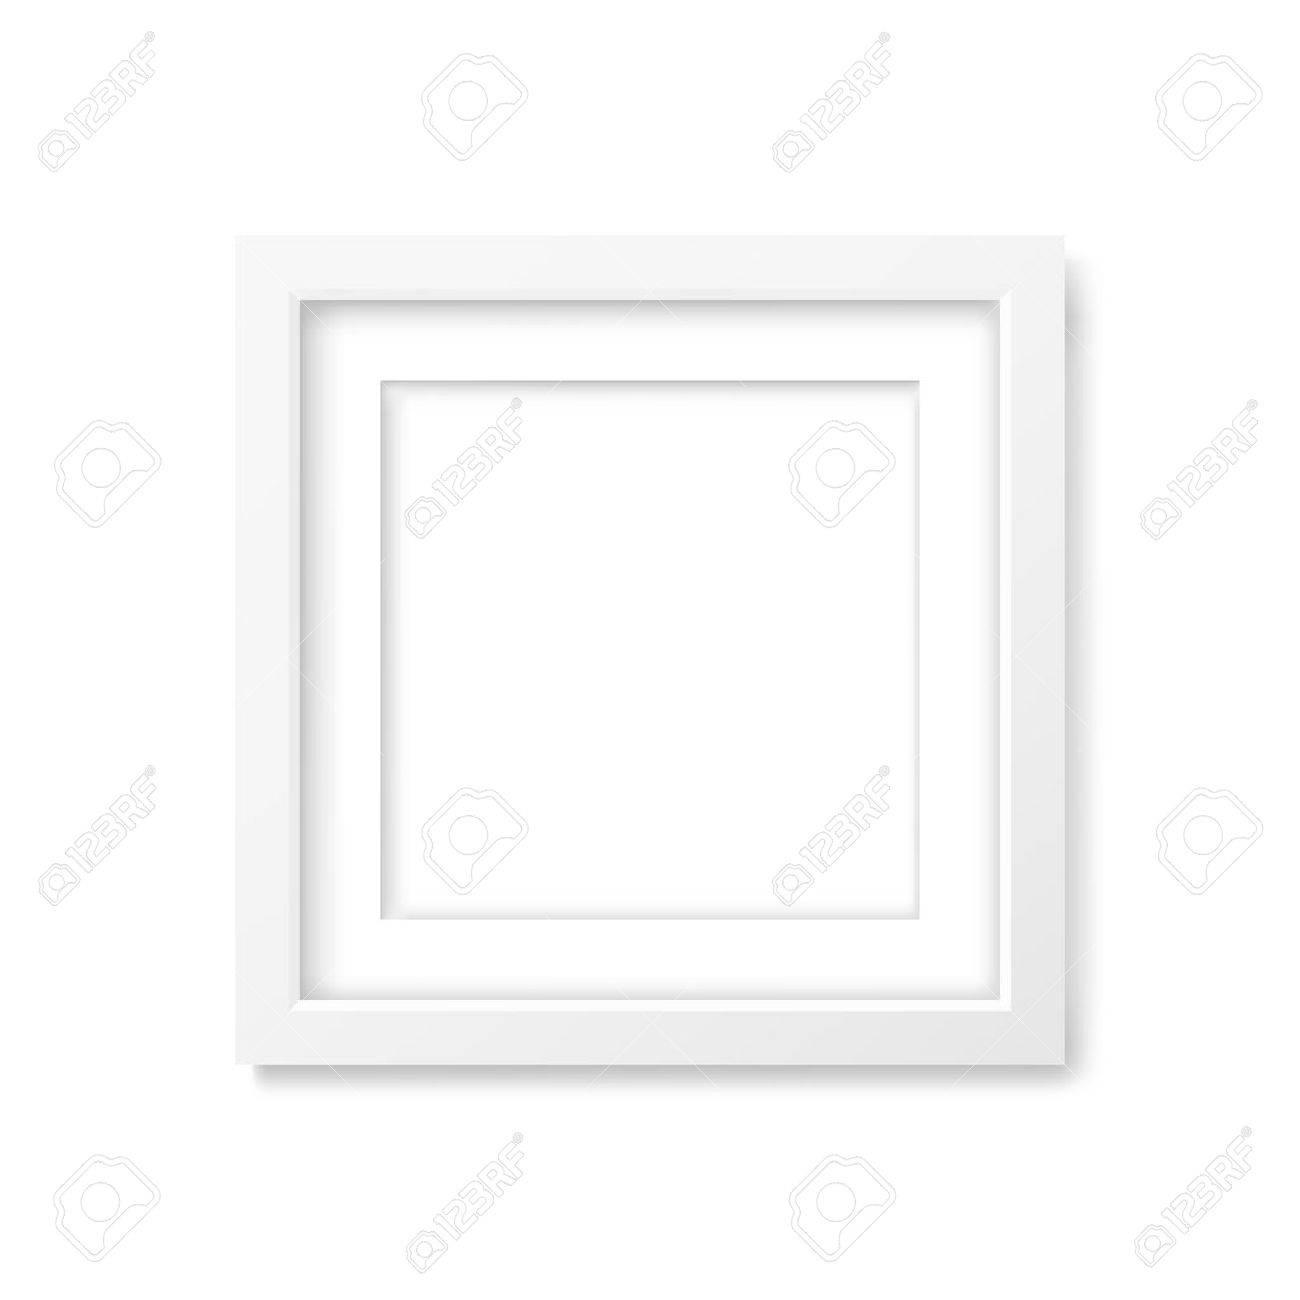 Erfreut 24x36 Schwarzer Rahmen Fotos - Benutzerdefinierte ...